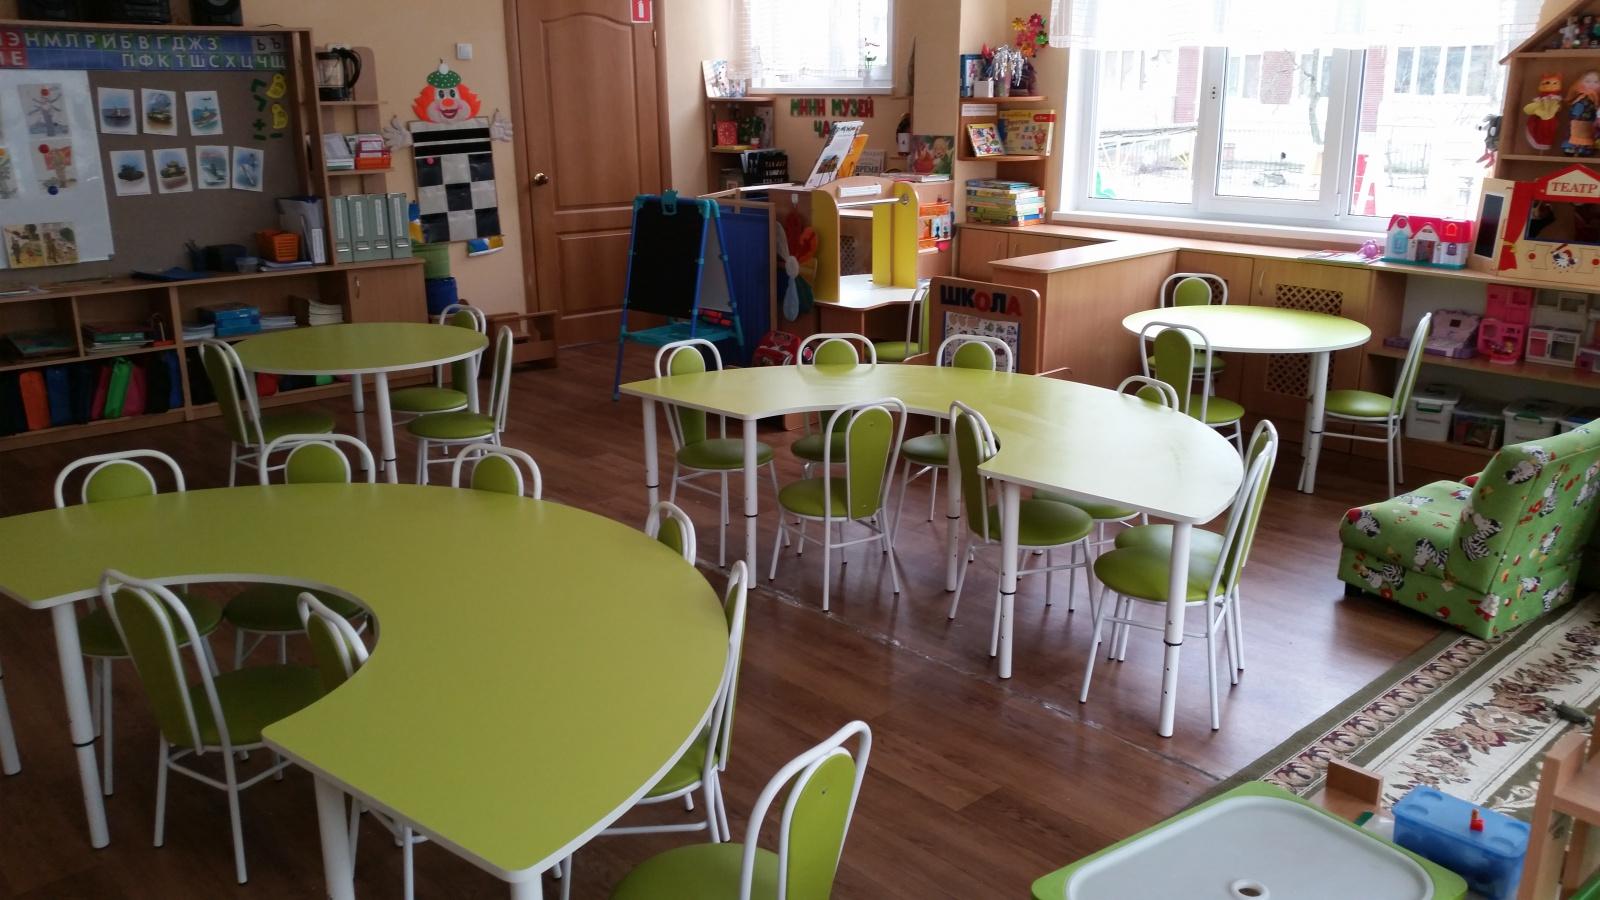 Полукруглые составные столы. Круглые столы на регулирующихся ножках...